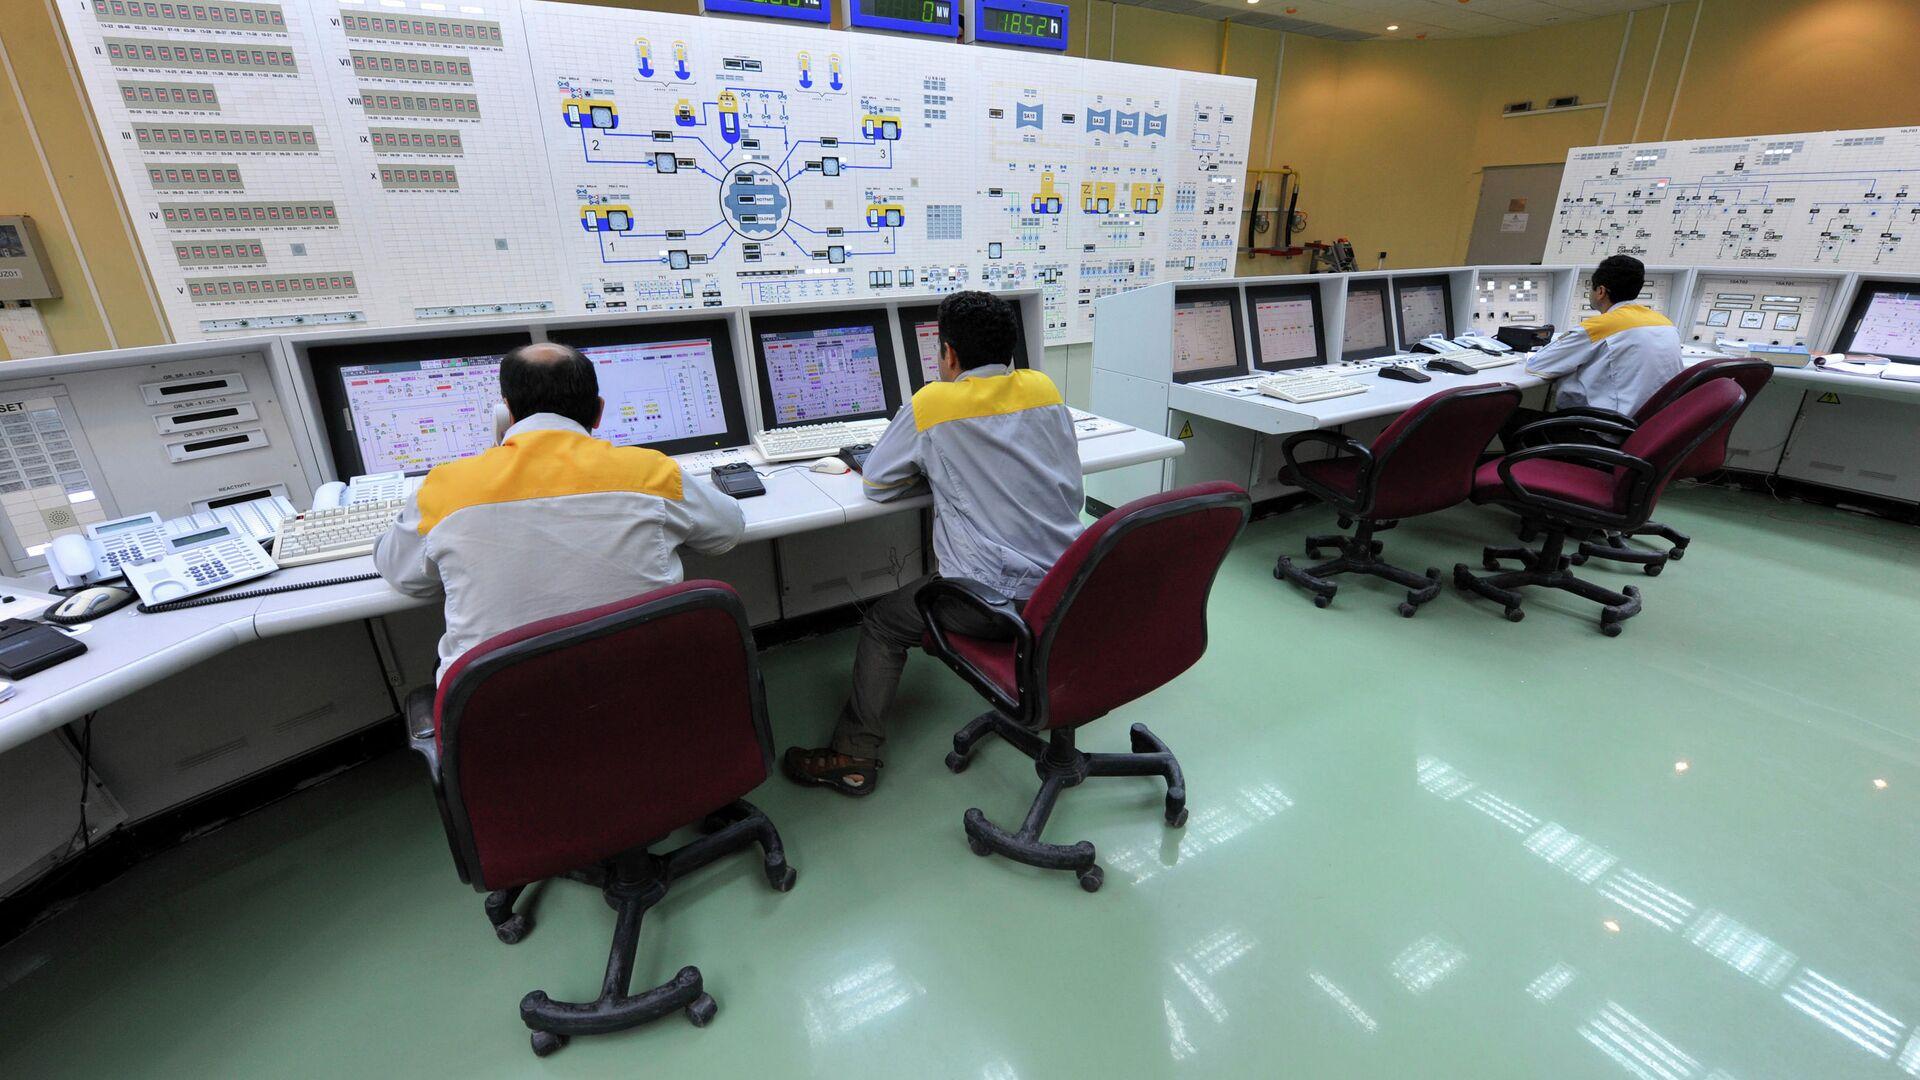 Иранские специалисты работают на АЭС Бушер - РИА Новости, 1920, 29.11.2020